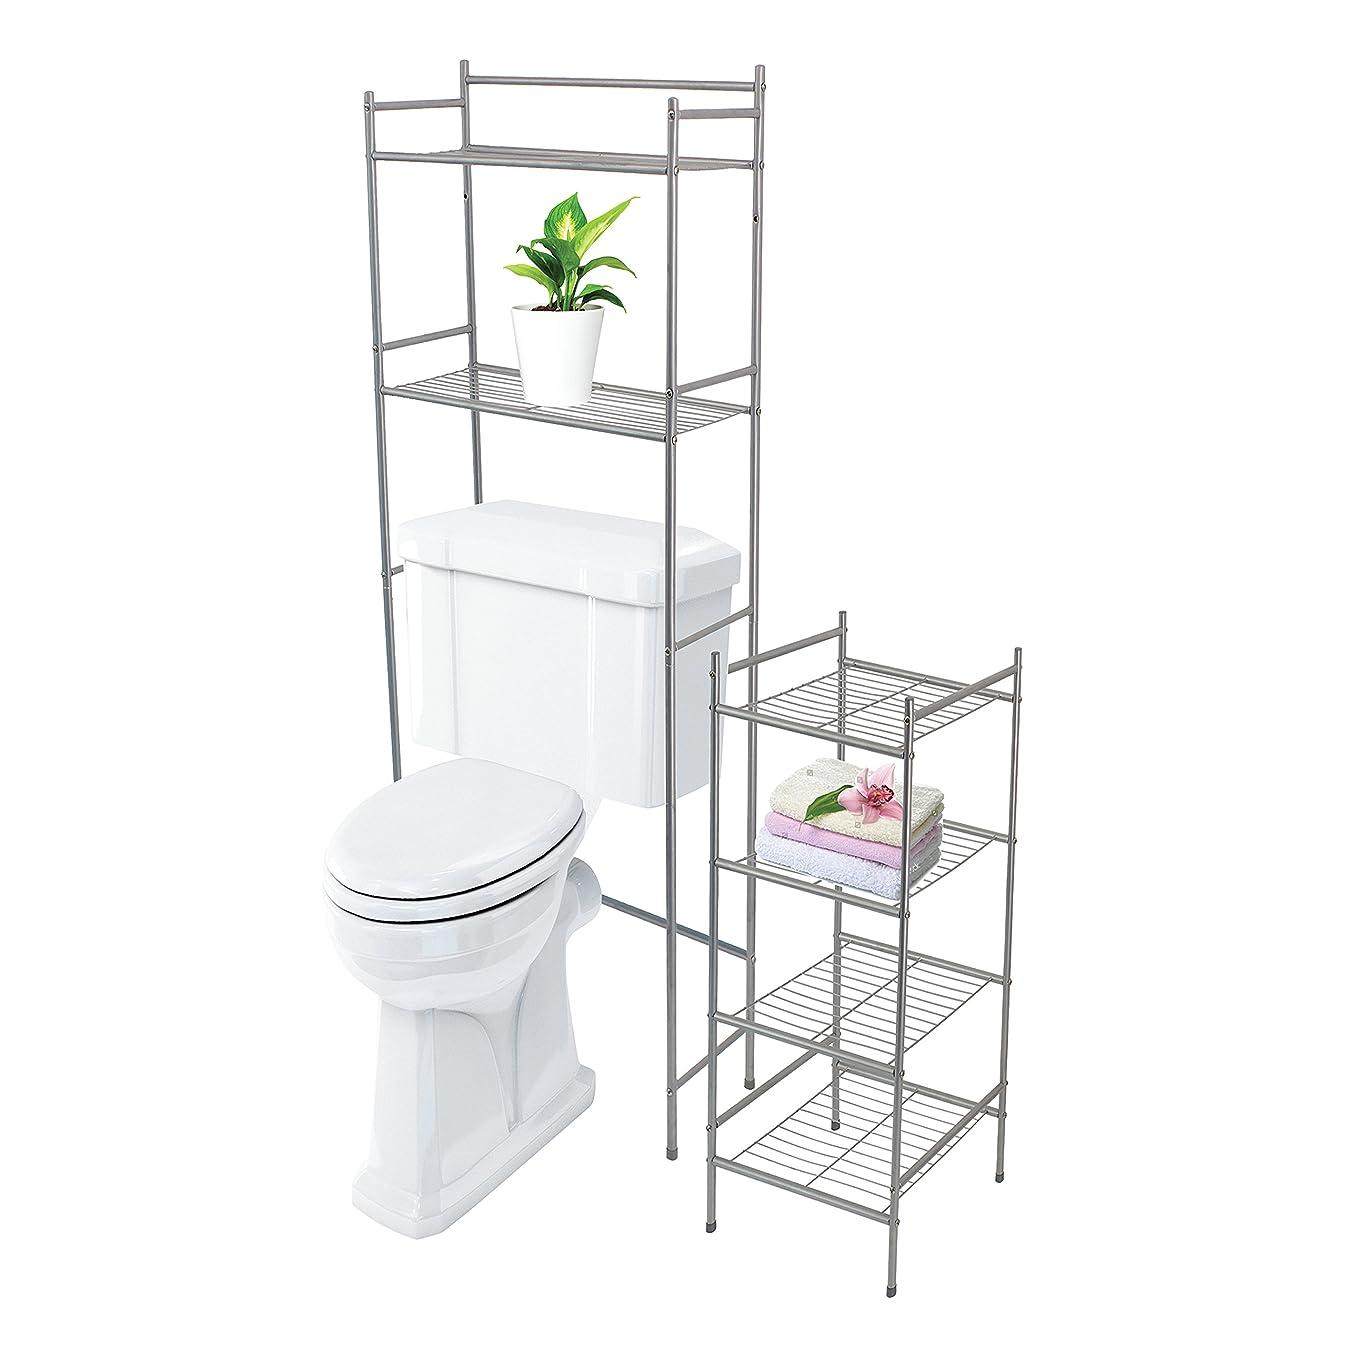 Taymor 02-DSET2PCSN bathroom furniture sets